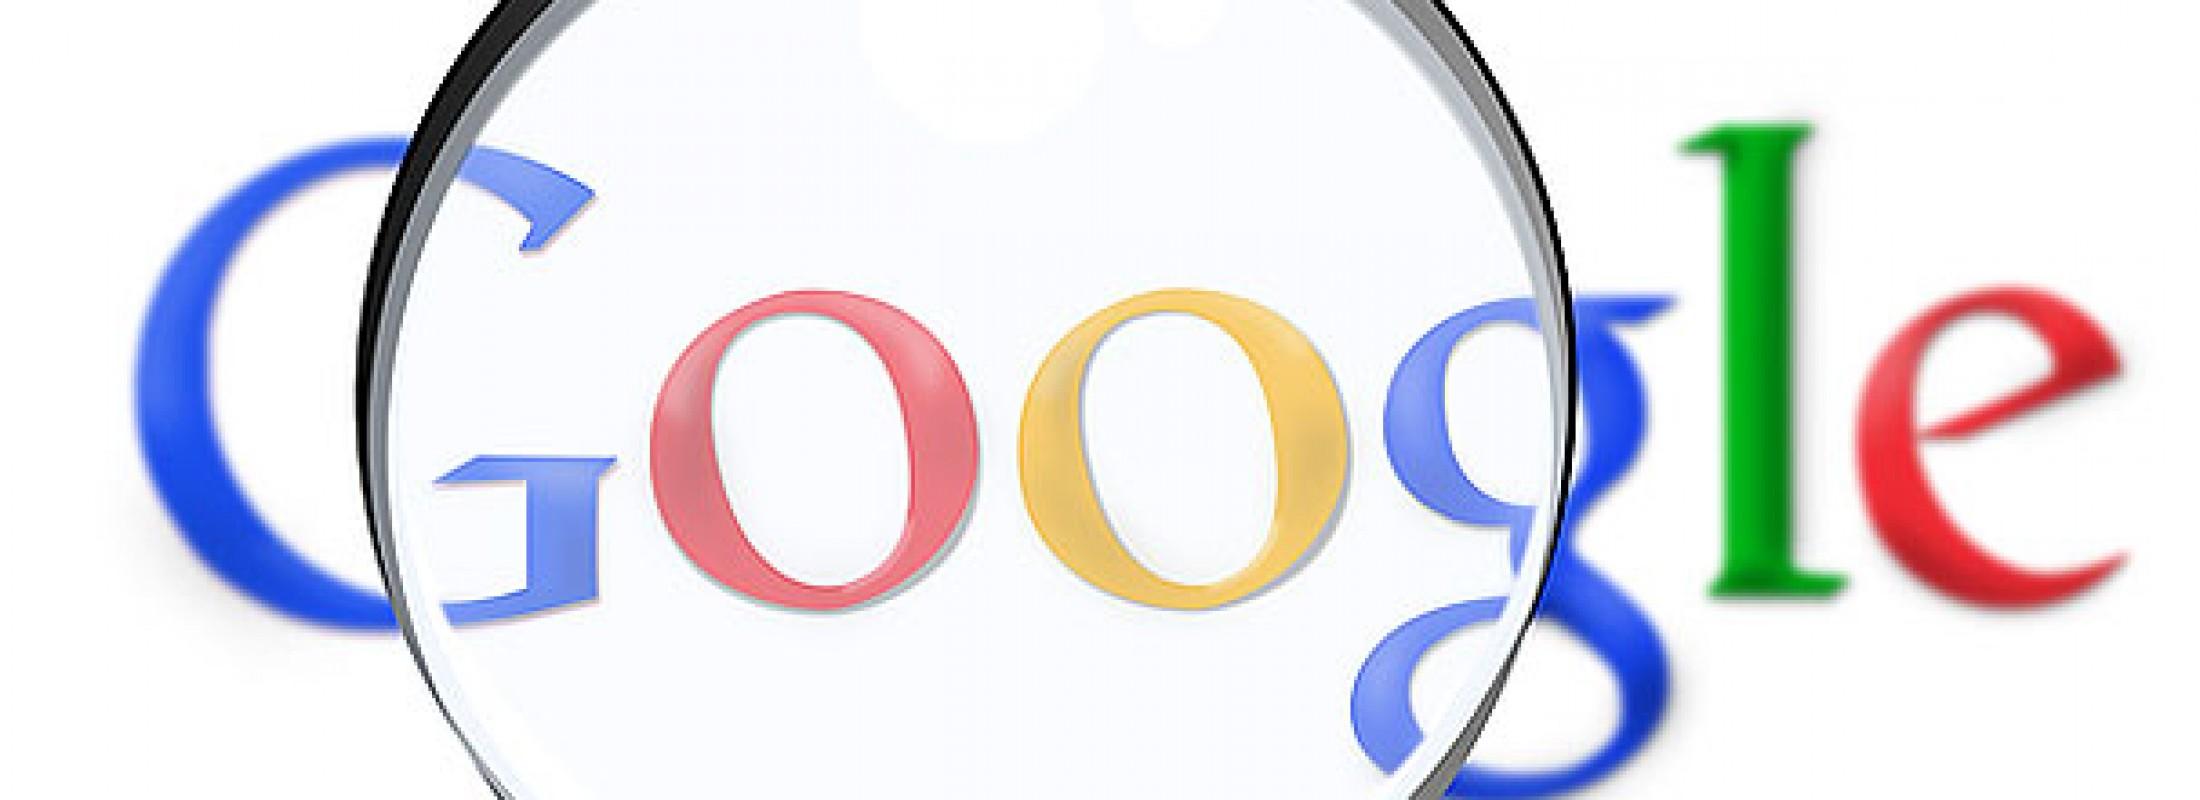 2014'te Google'da En Çok Aranan Kelimeler Belli Oldu